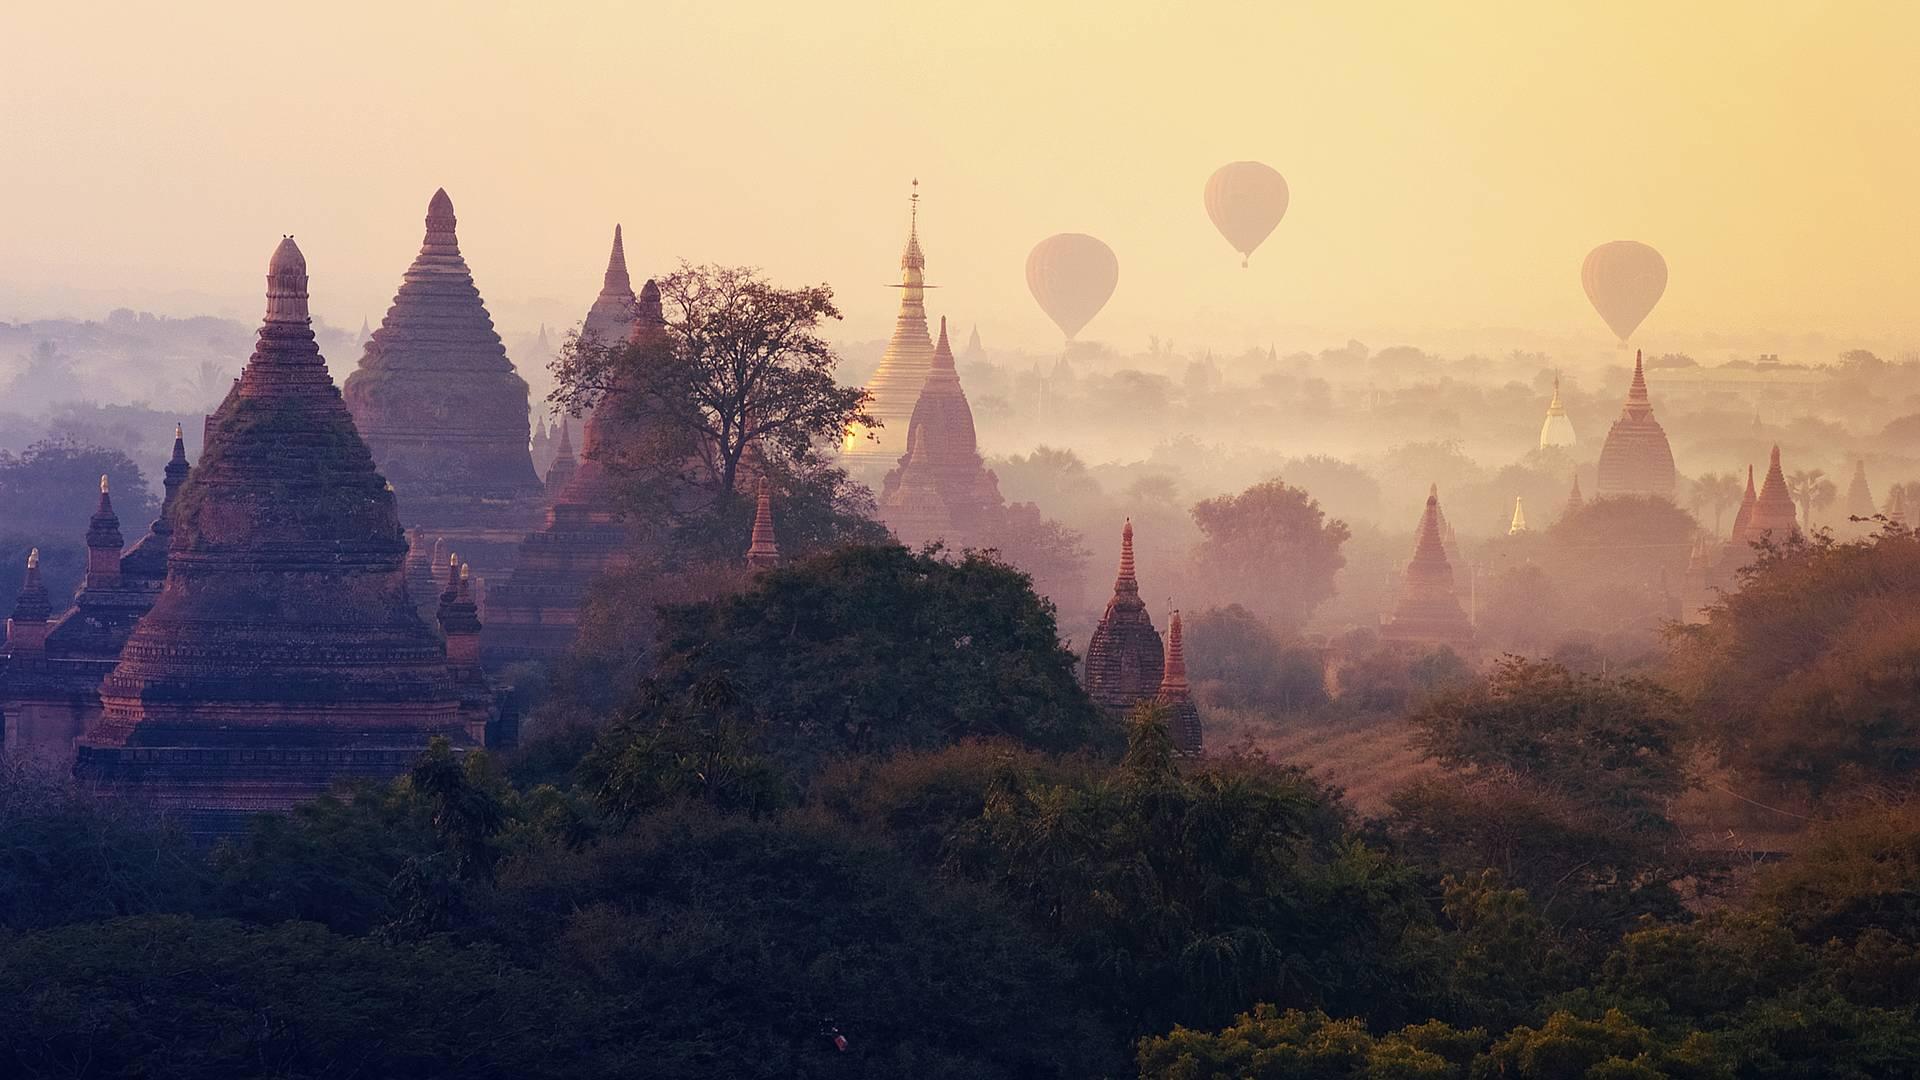 Aventuras repletas de culturas, etnias y paisajes